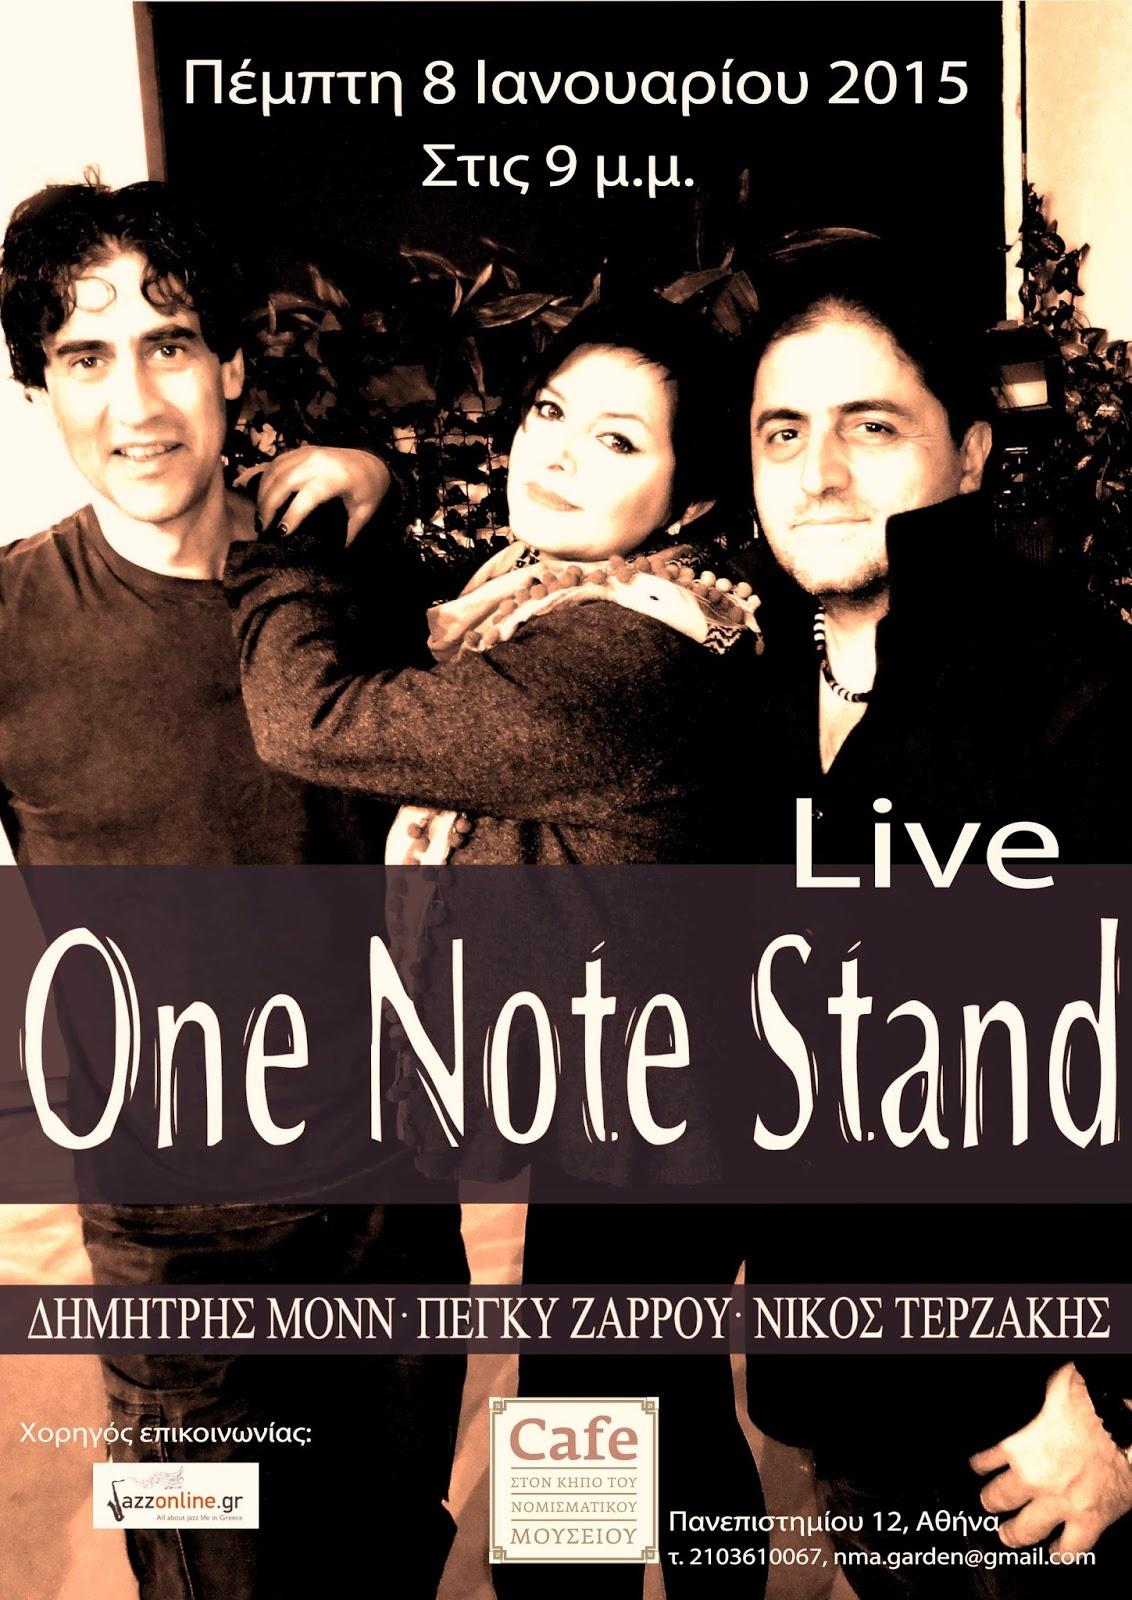 one-note-stand-live-sto-cafe-tou-nomismatikoy-mouseiou-tin-pempti-8-ianouariou-2015